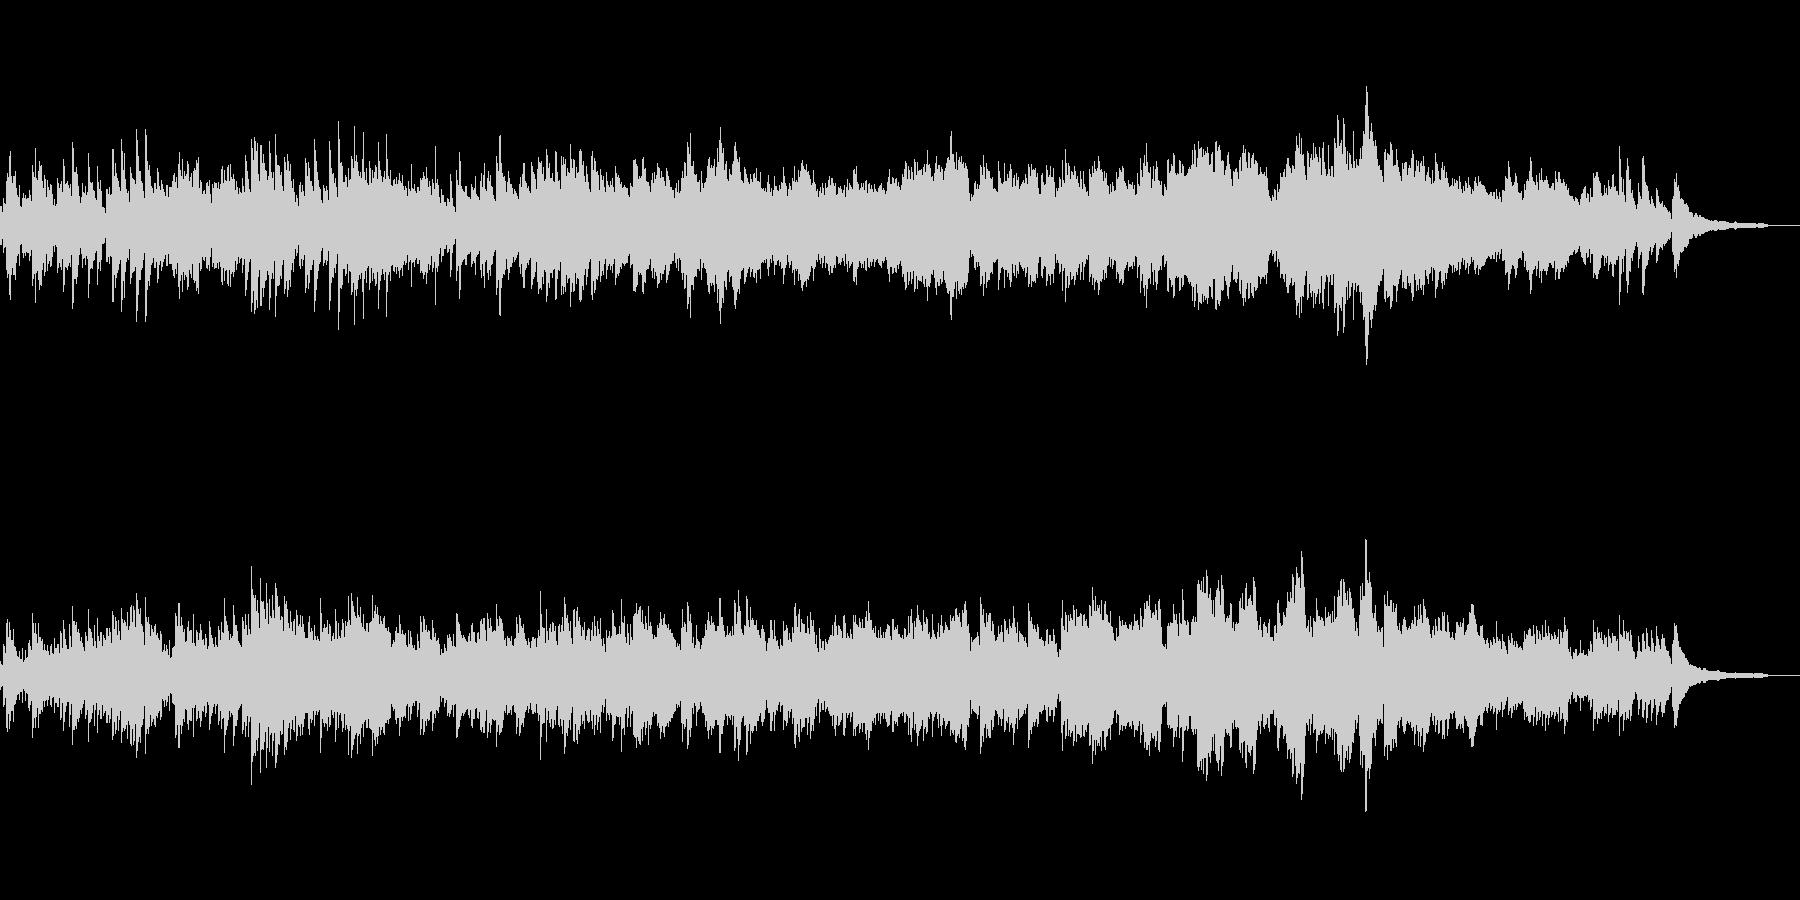 バッハ平均律クラヴィーア1番 ピアノ演奏の未再生の波形